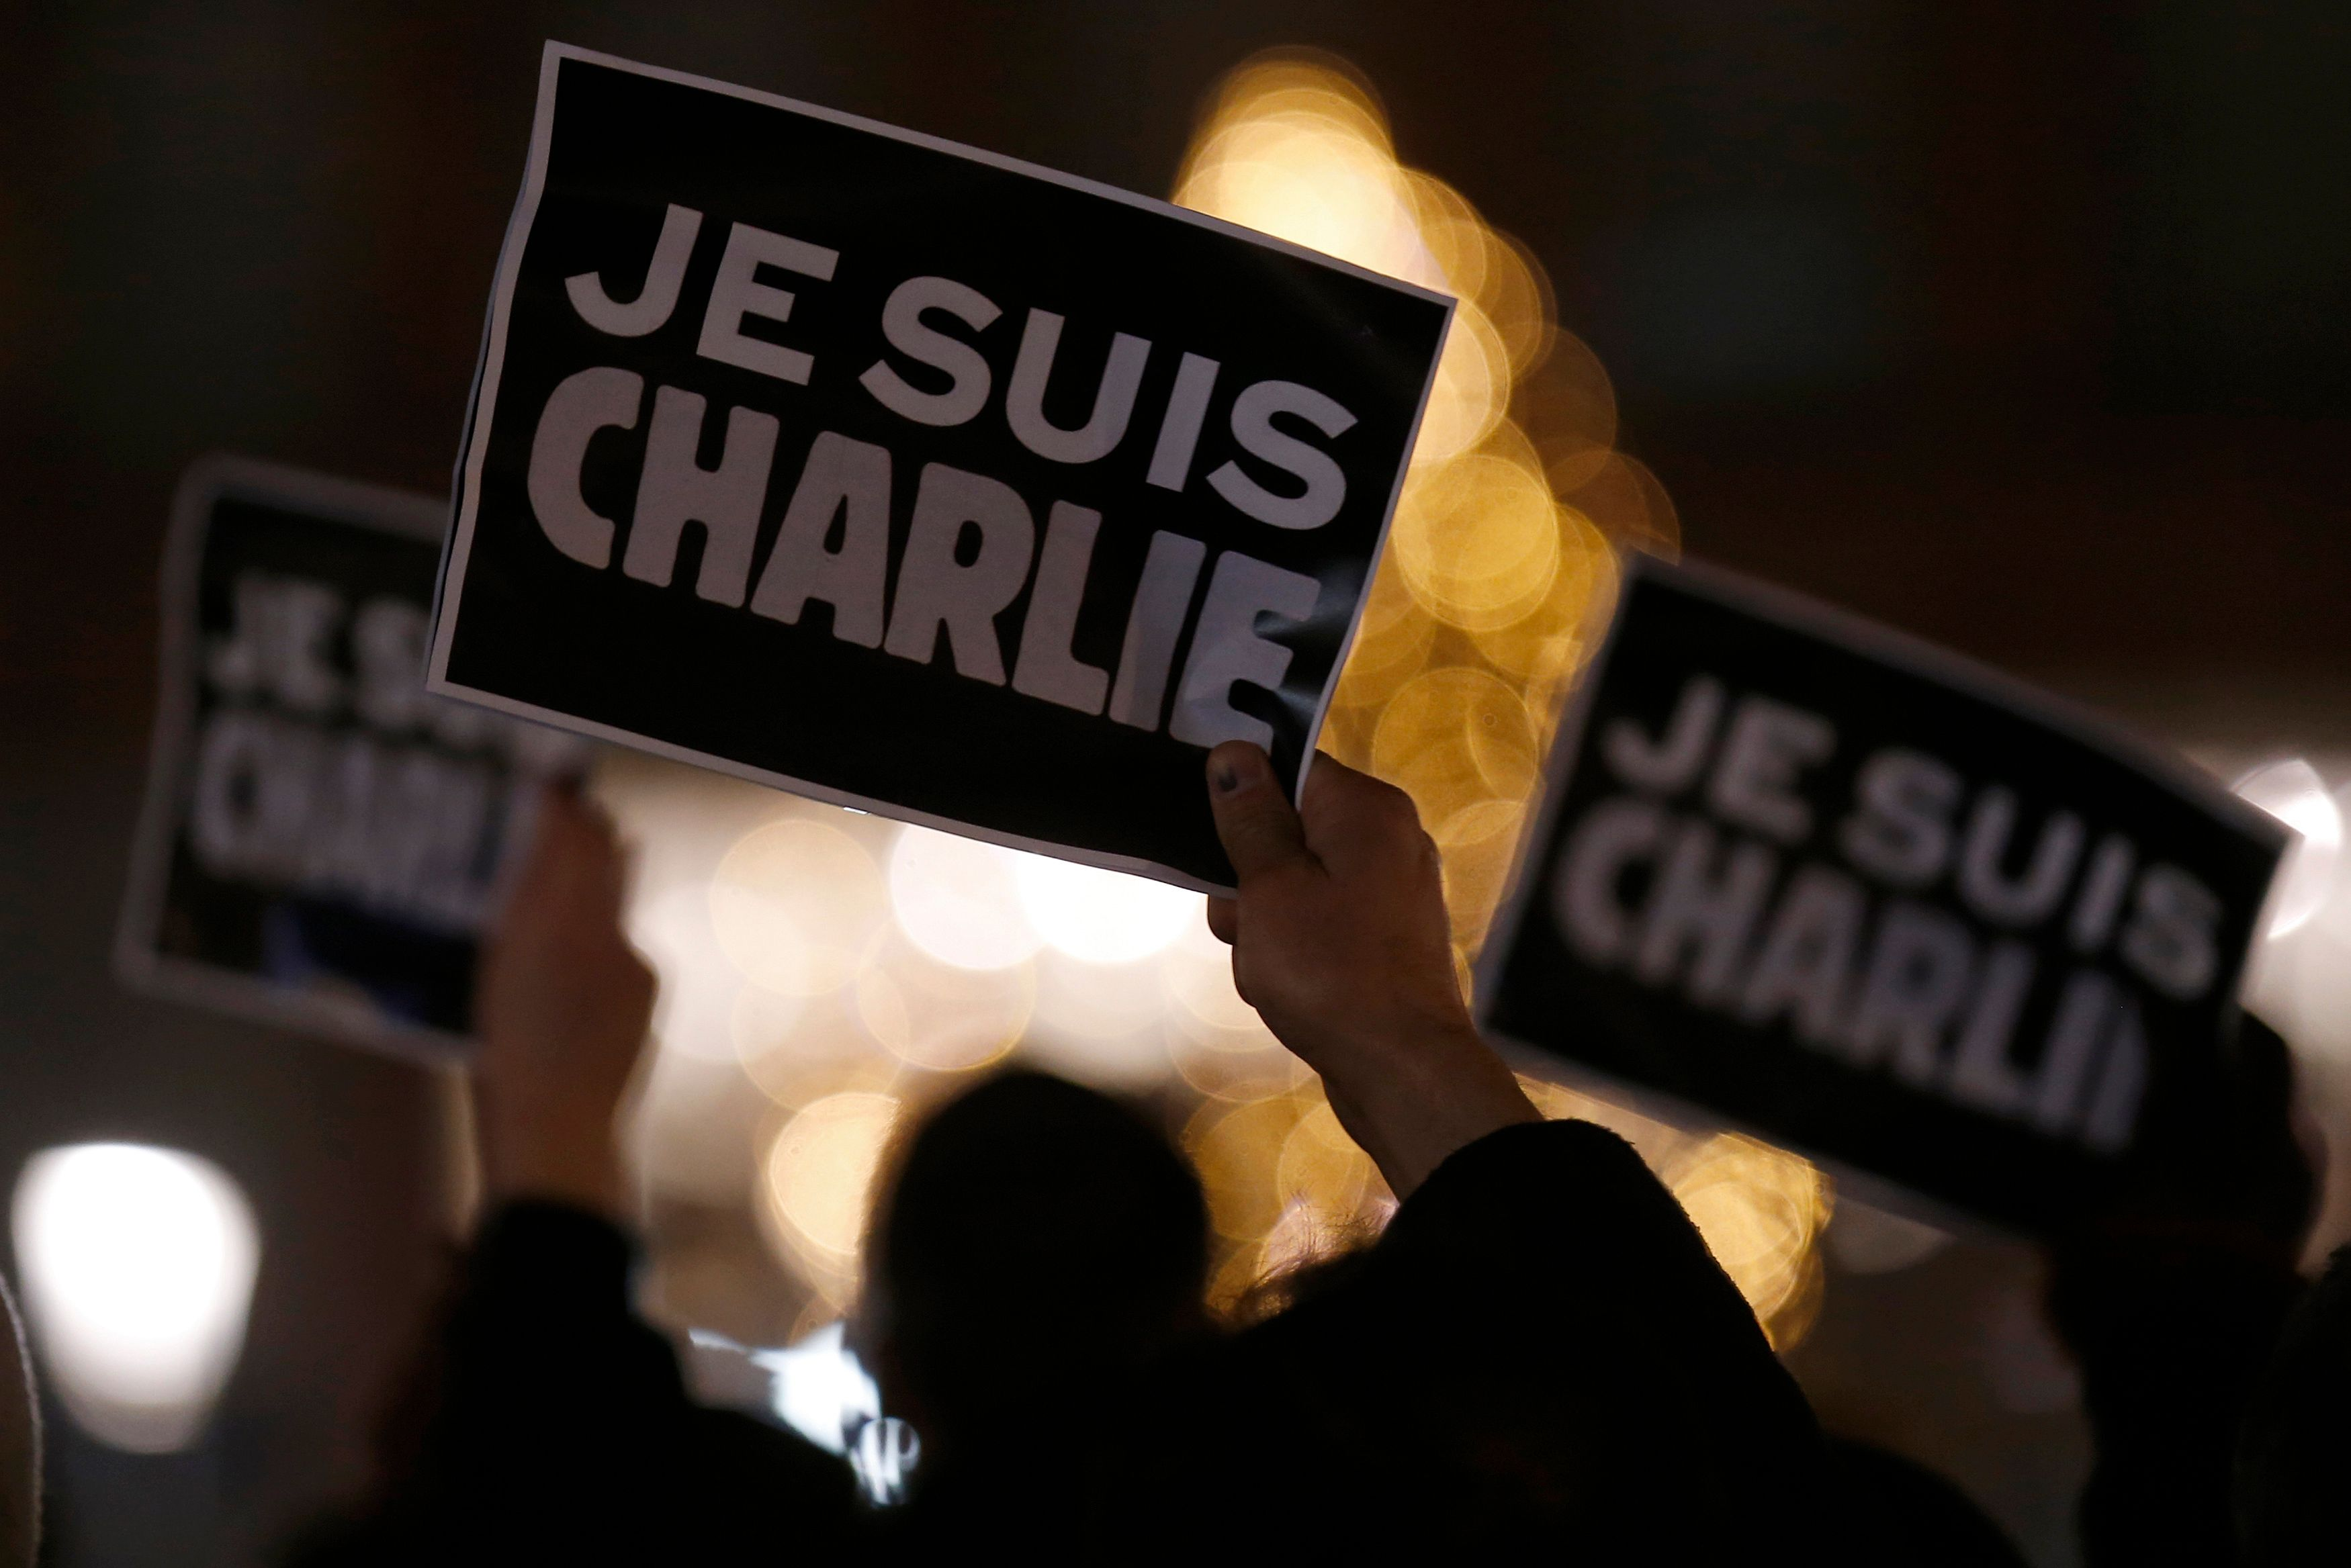 La société française devra trouver des moyens de dépasser le traumatisme créé par cette semaine sanglante.